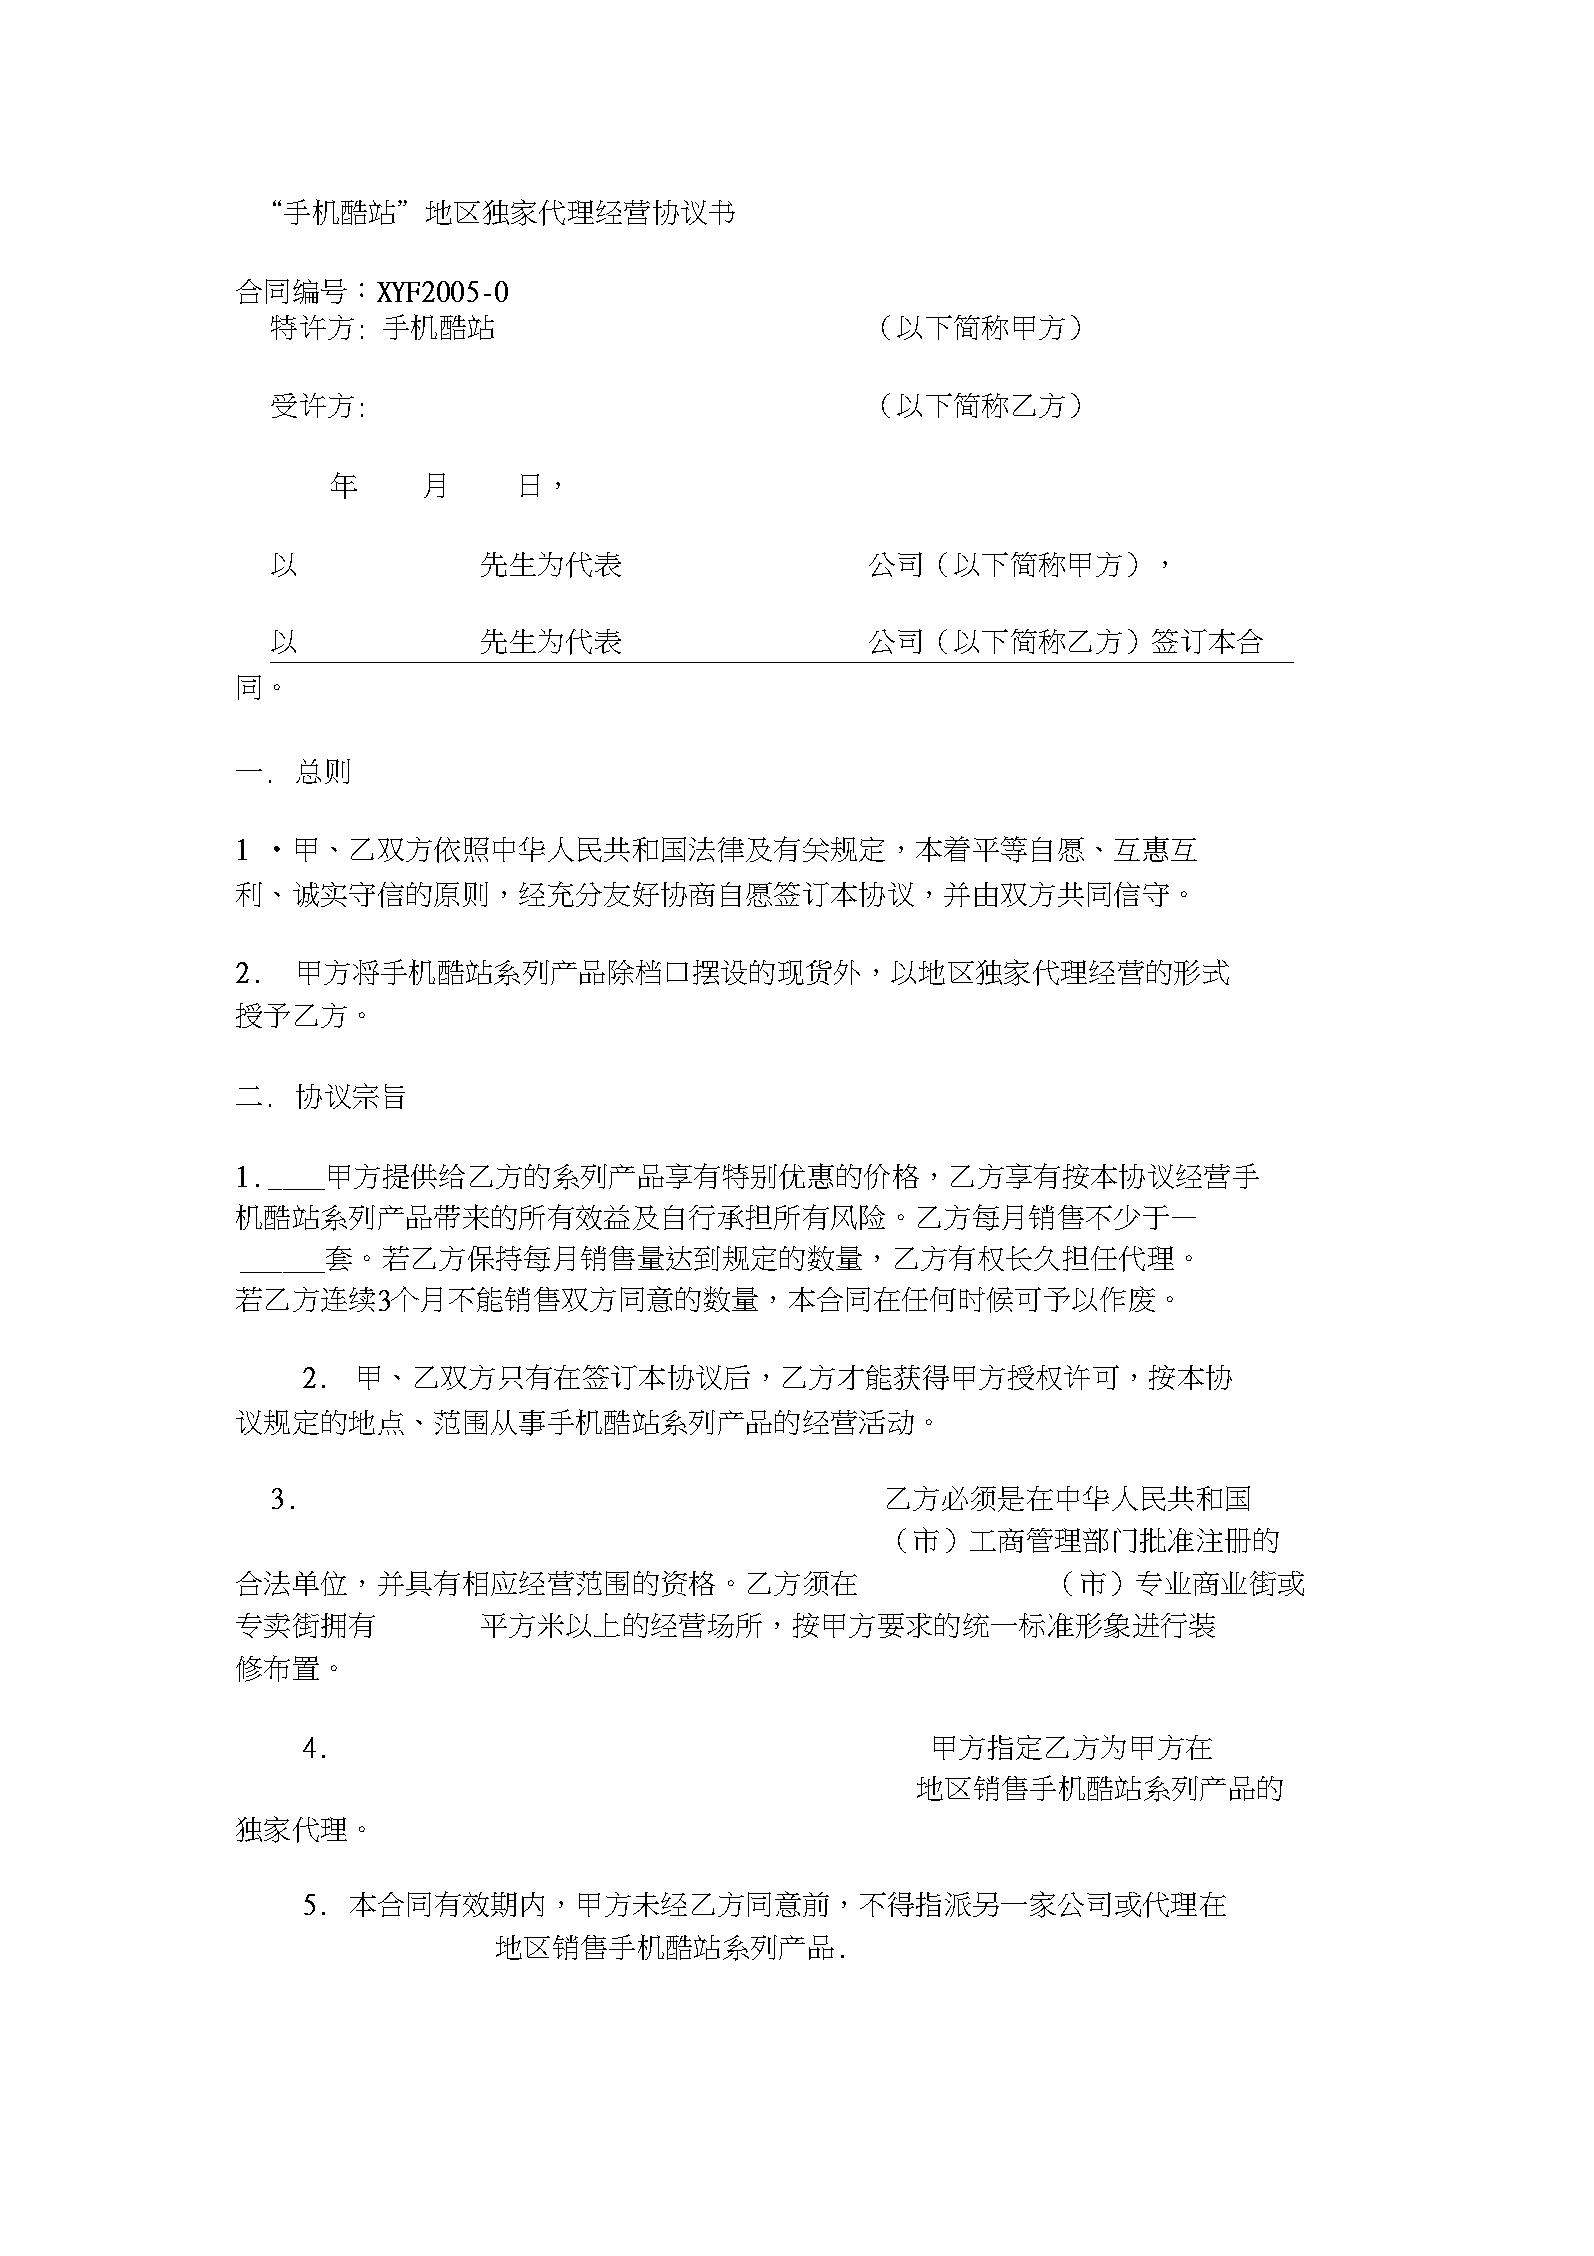 地区独家代理经营协议书.docx